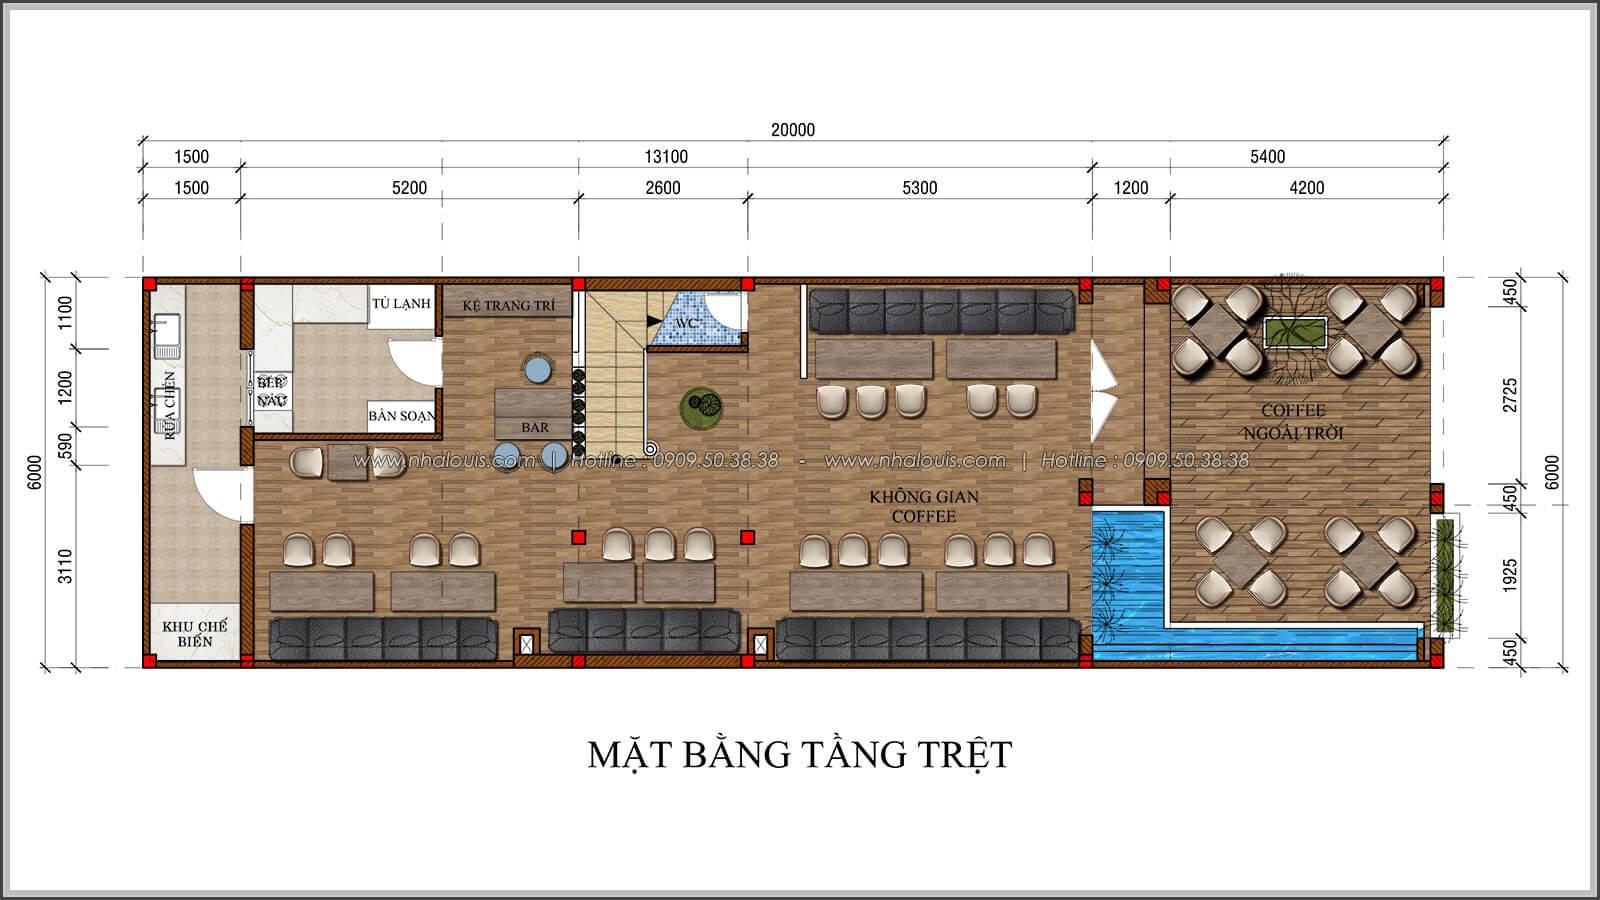 Mặt bằng tầng trệt thiết kế quán cafe đơn giản từ nhà phố 3 tầng tại Bình Chánh - 02